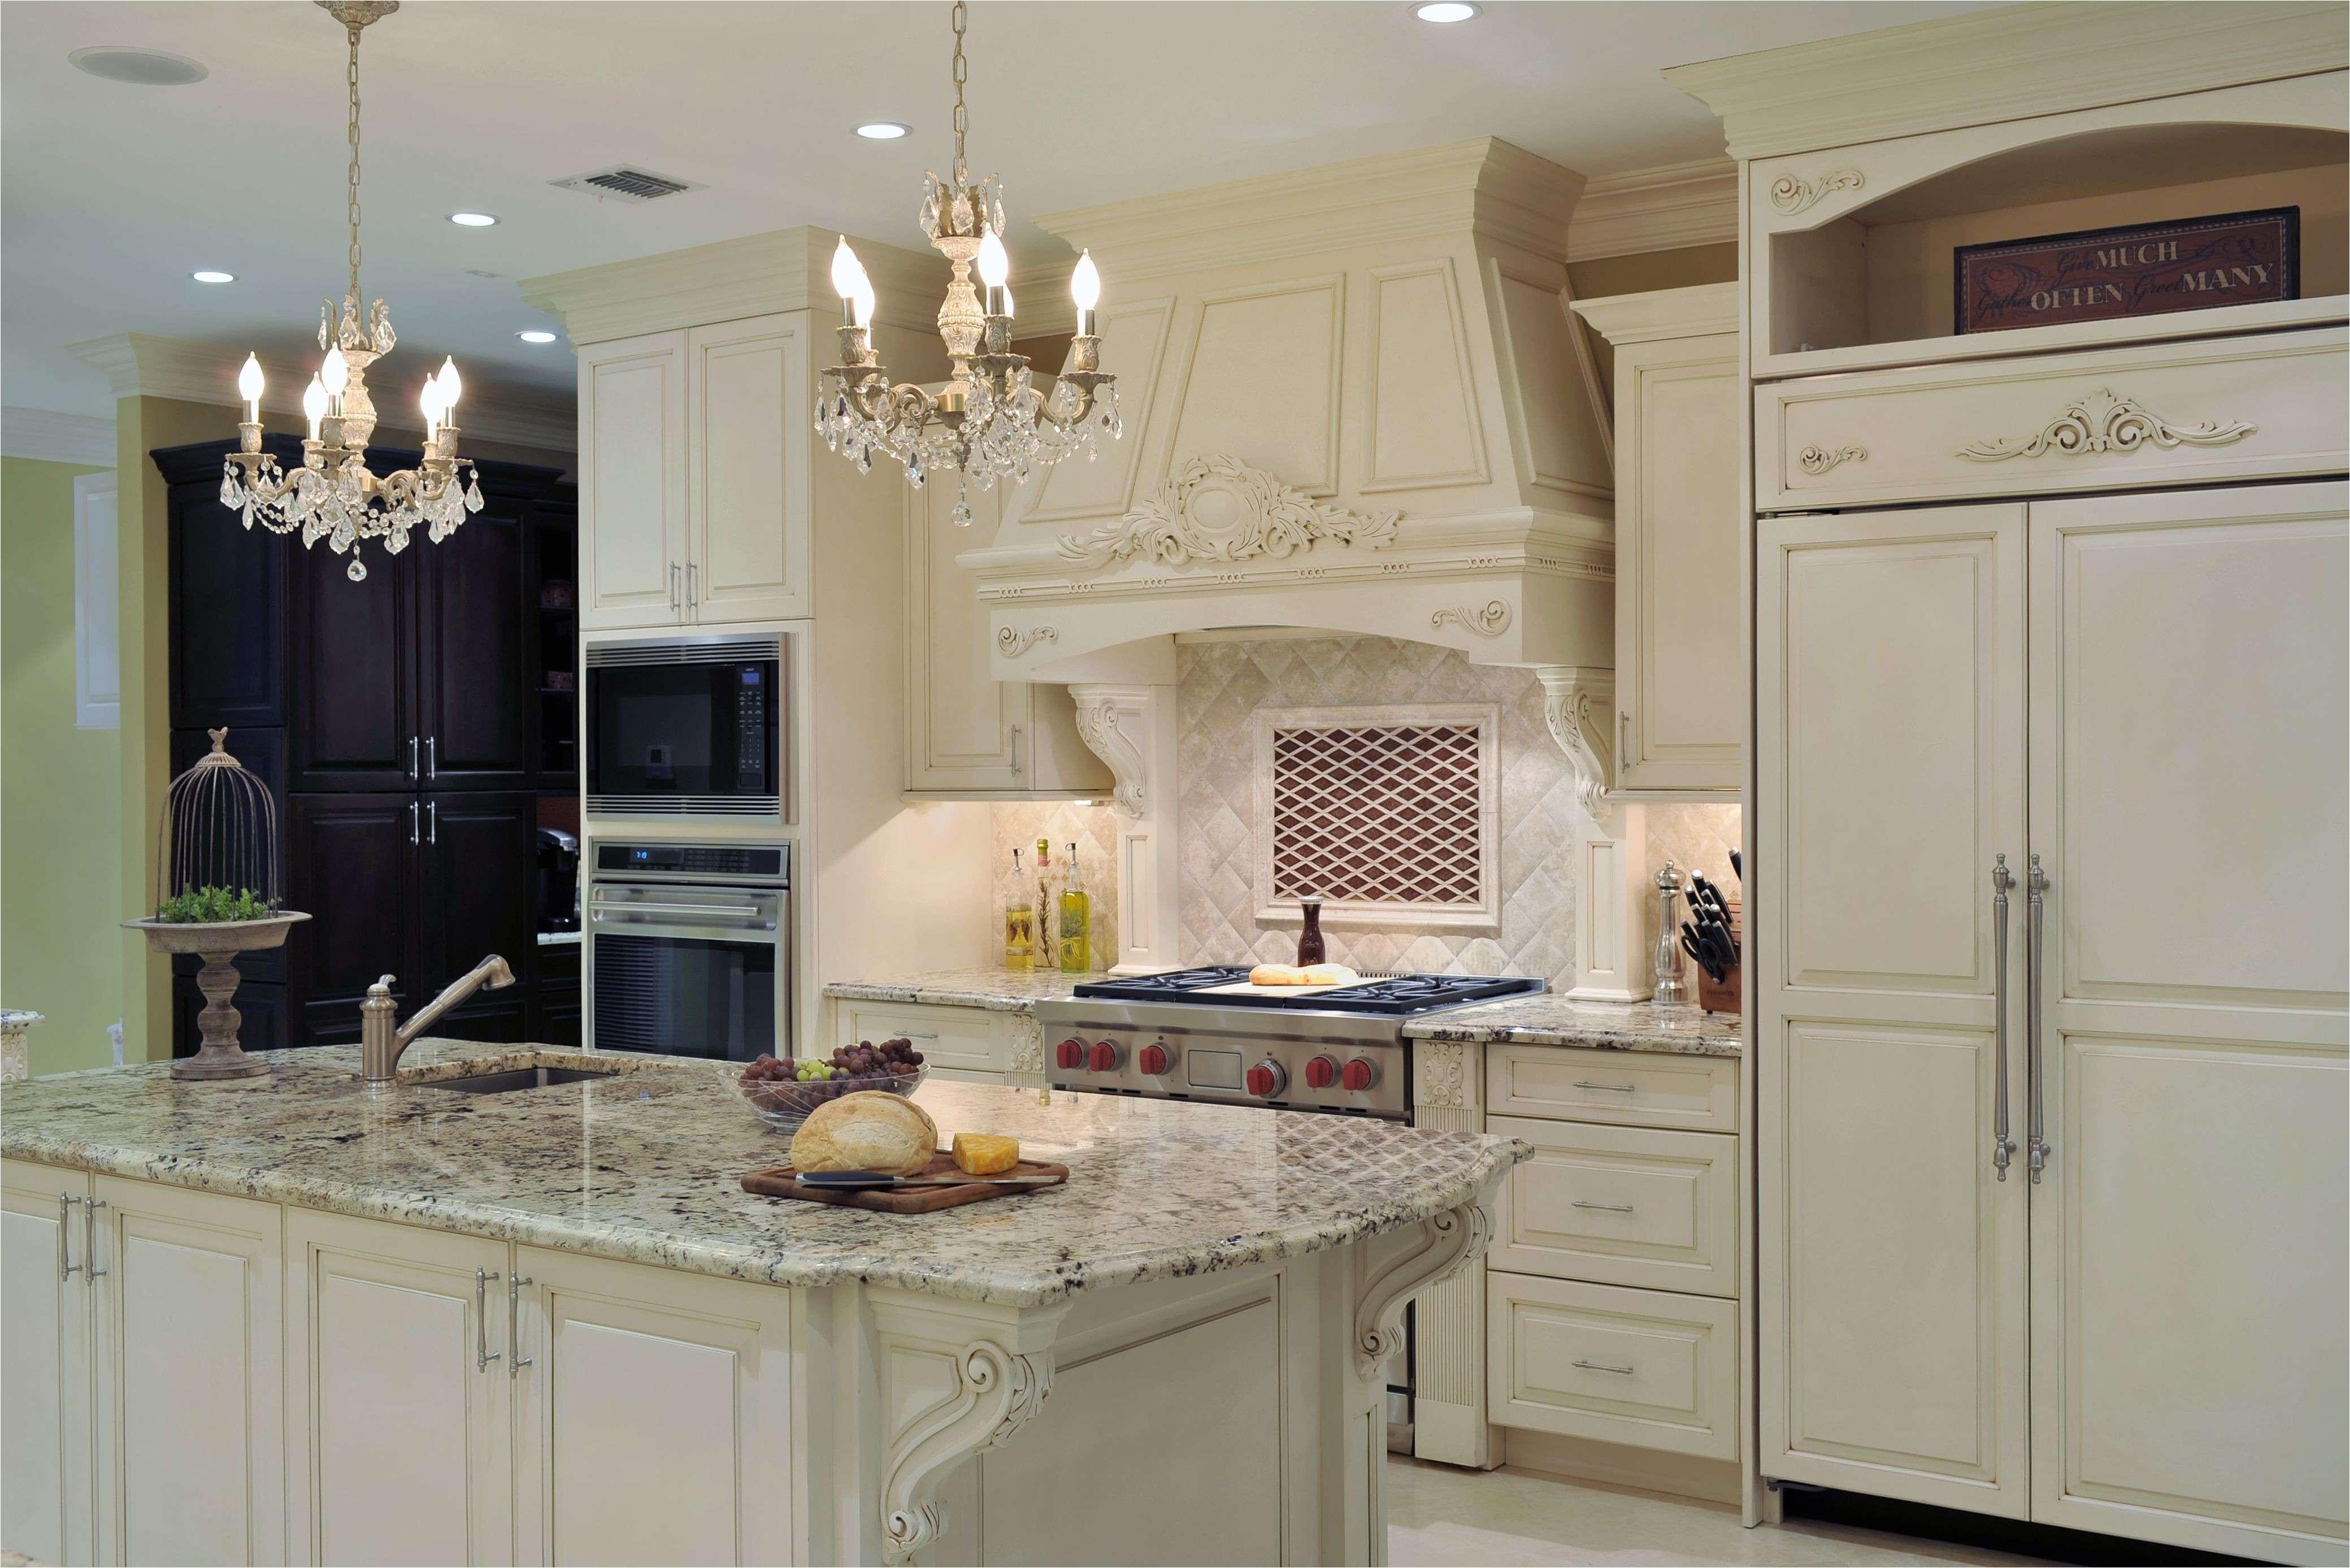 Diy Kitchen Cabinets Diy Pallet Kitchen Cabinets Ideal Exclusive Kitchen Designs Alluring